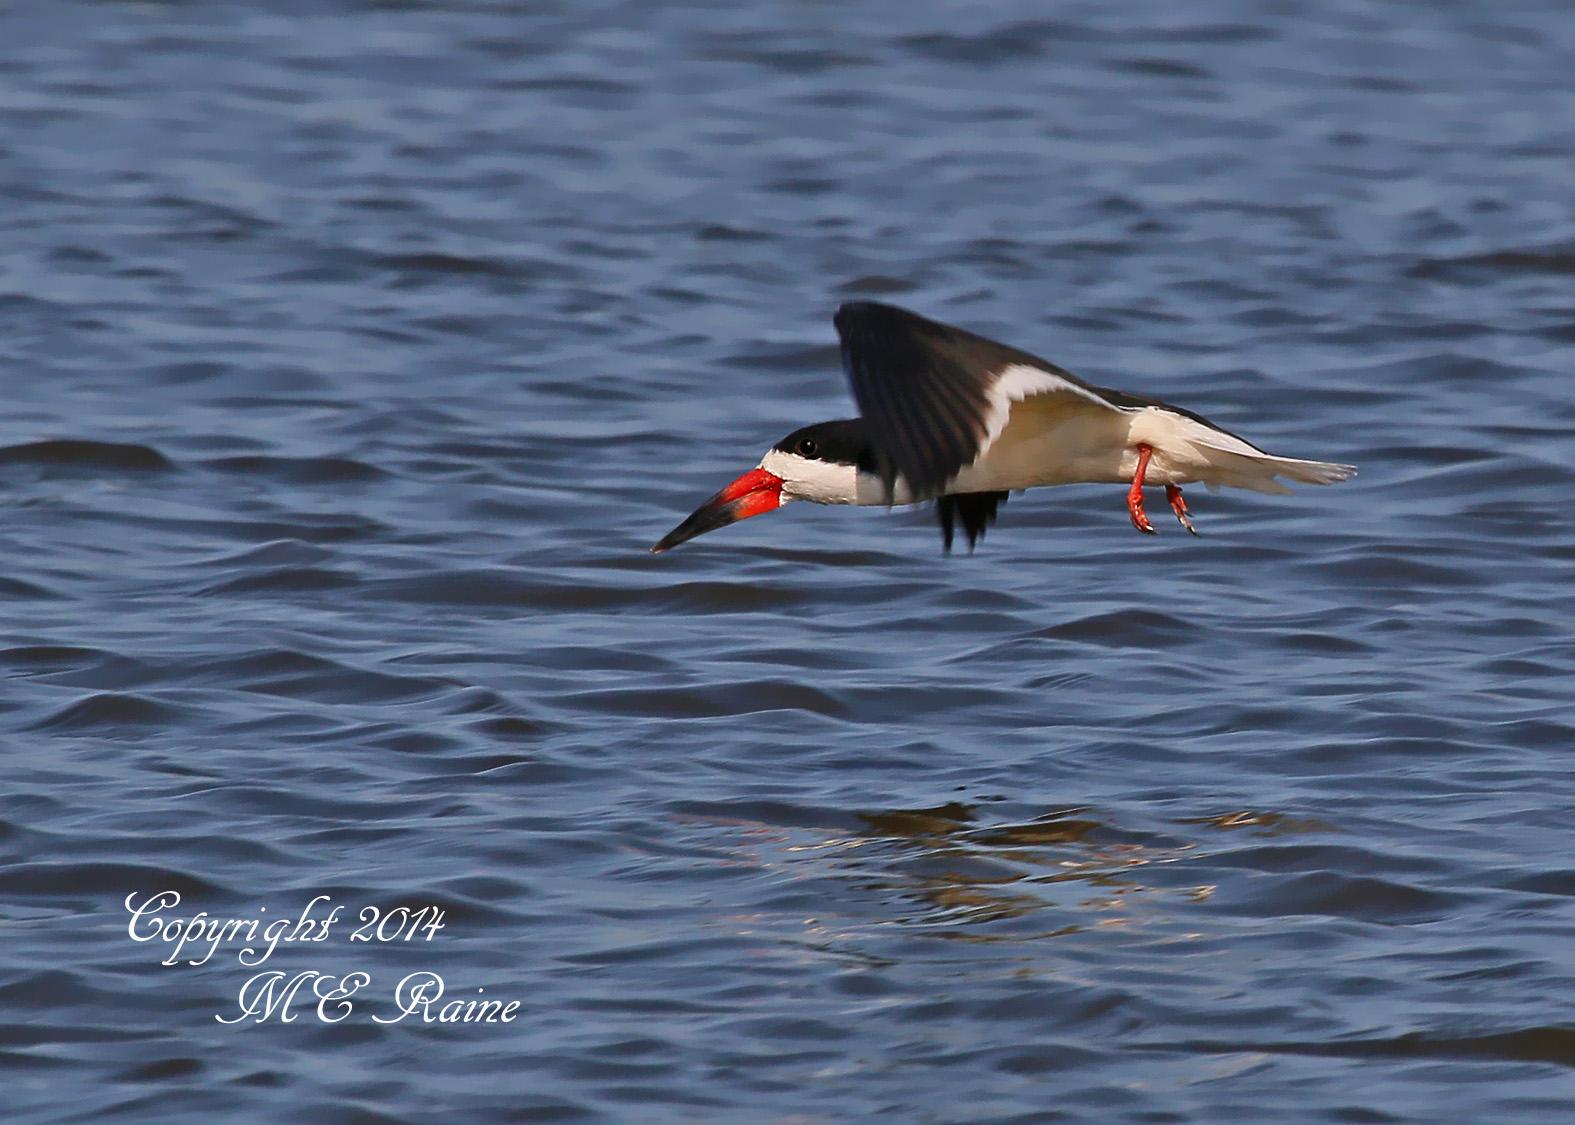 052014 FTD B Black Skimmer 001df River Barge Park in Carlstadt Mdwlnds NJ 052014 OK FLICKR